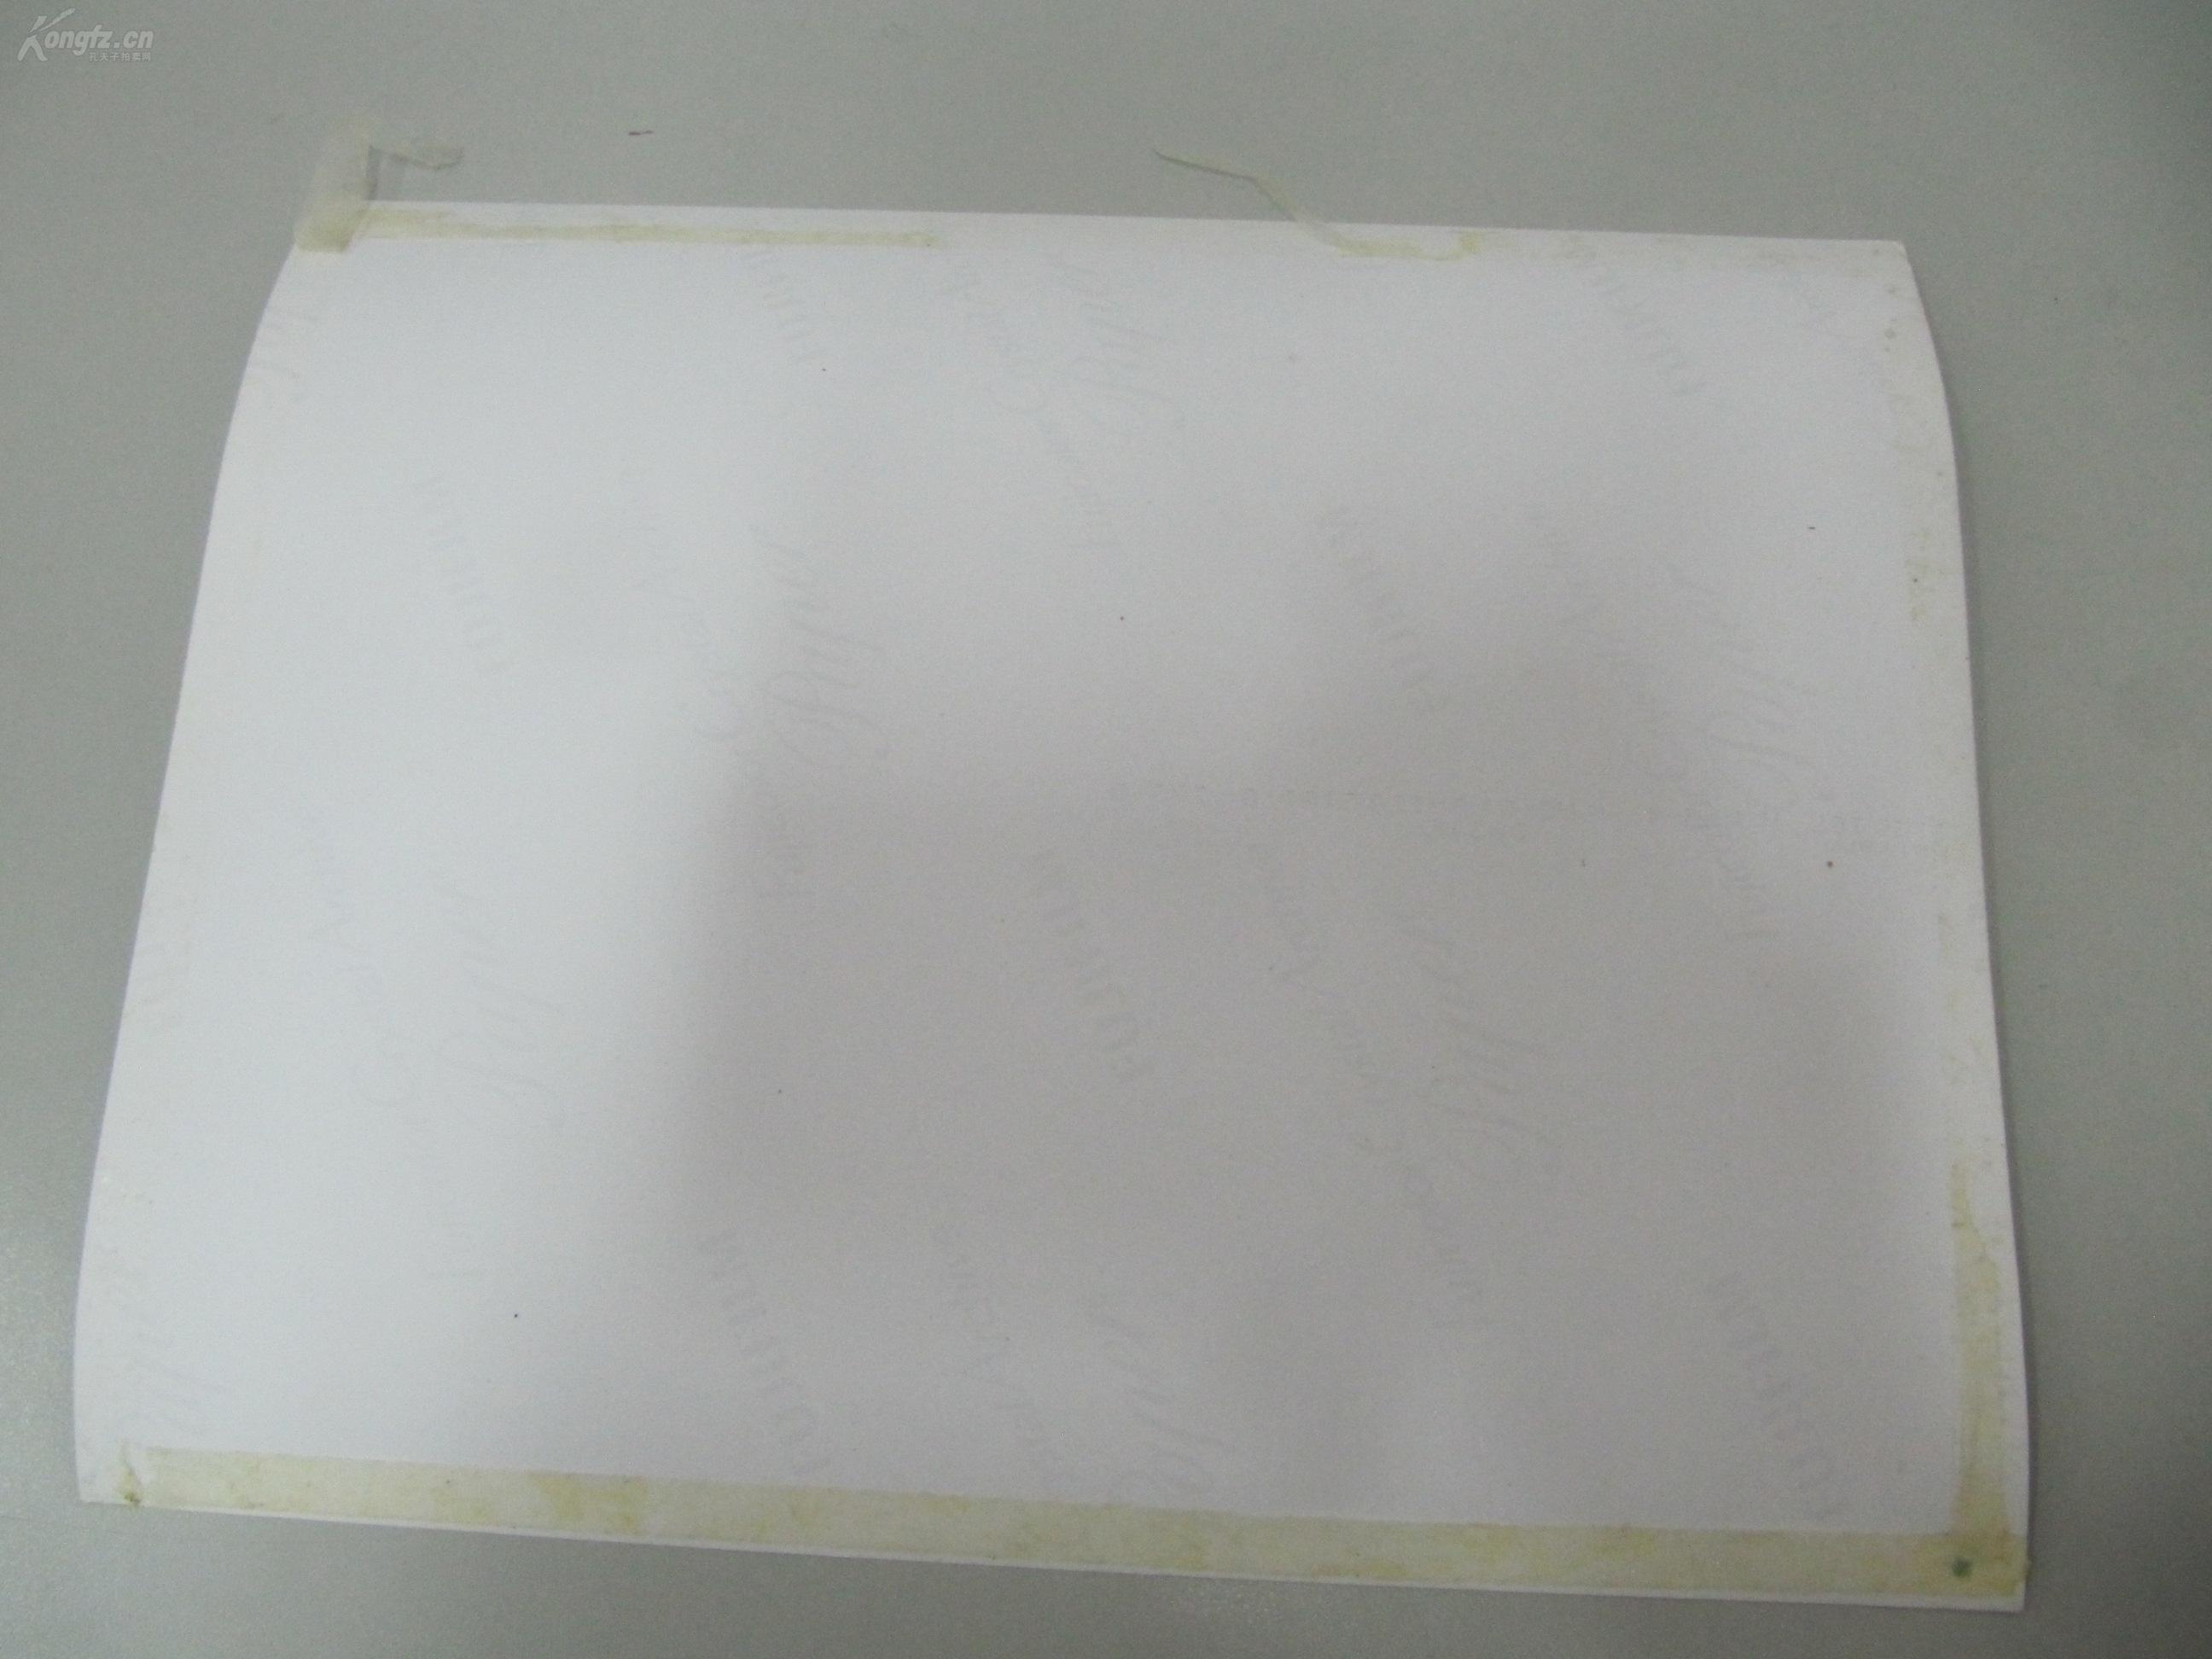 军旅摄影照片一张 军徽庄严 尺寸25 20厘米